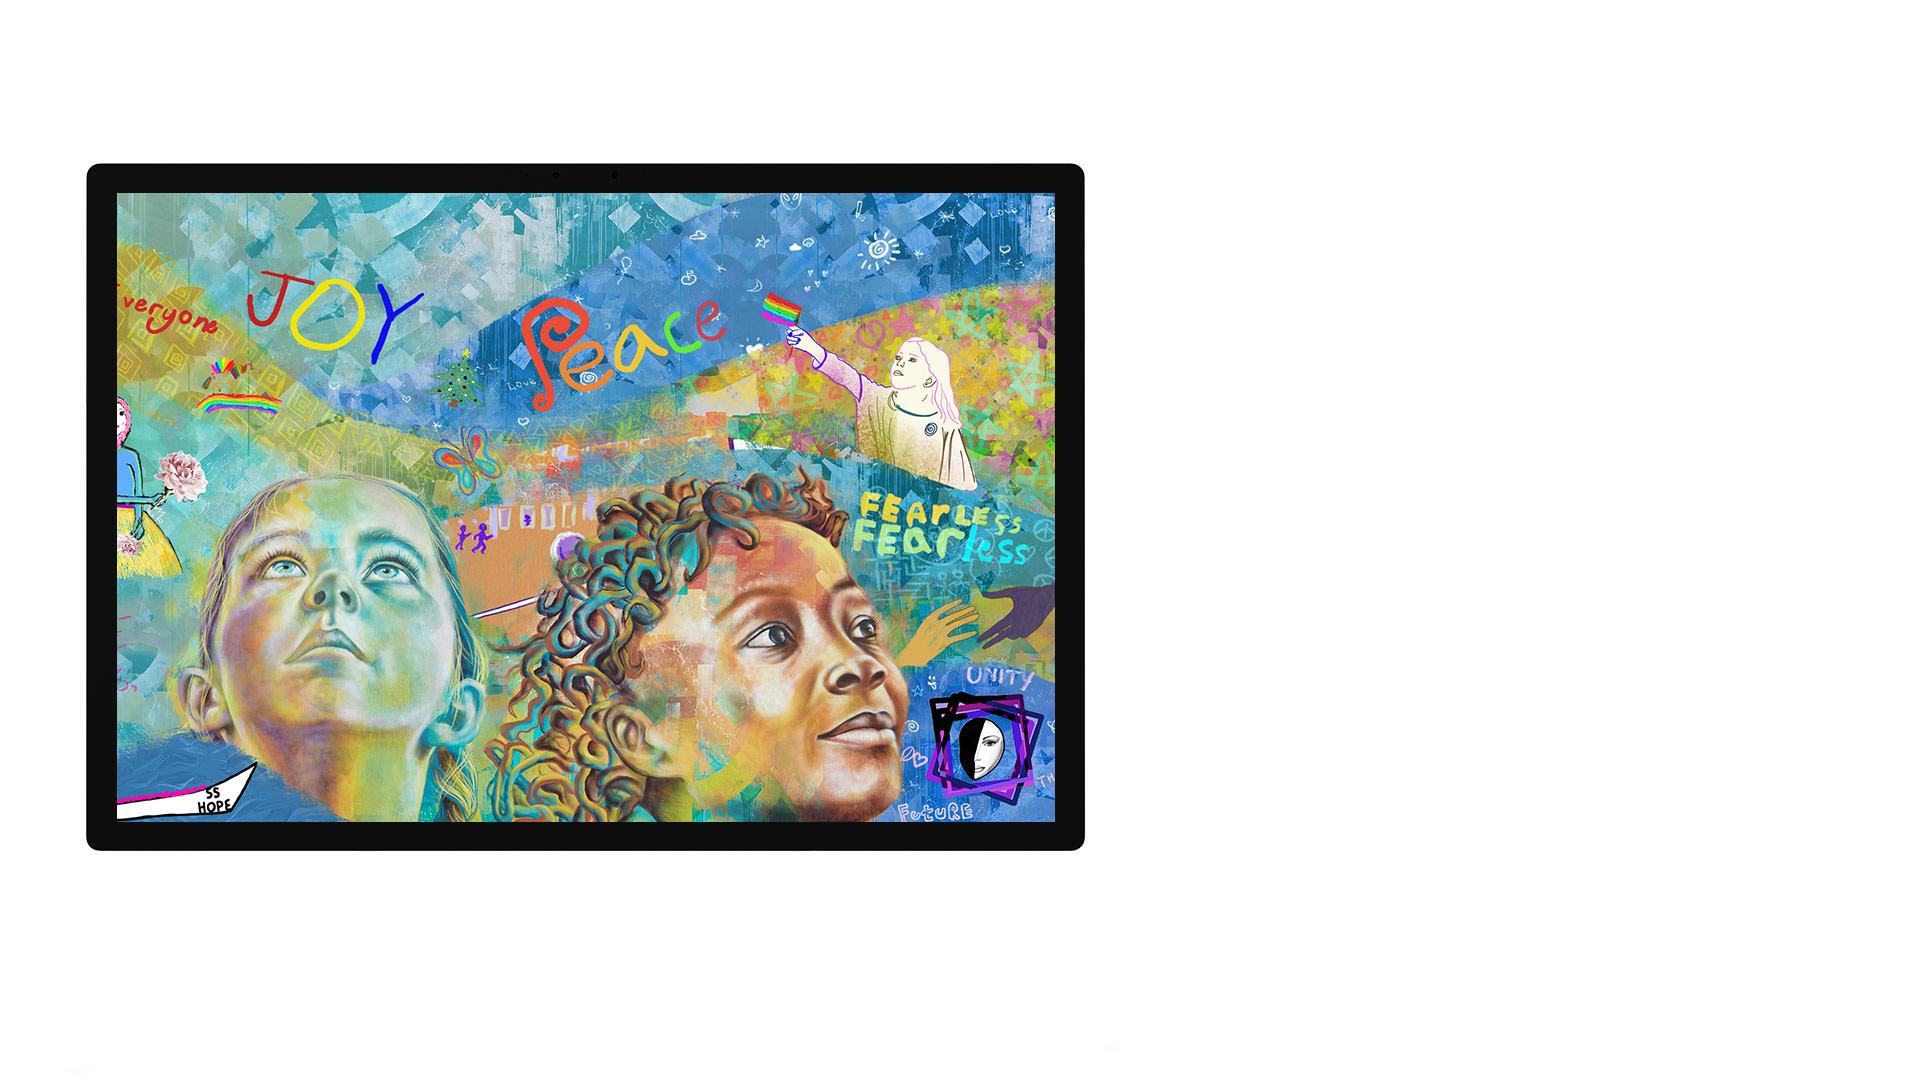 Surface Studio-skärm som visar gränssnittet i appen Foton på PixelSense™-skärm.